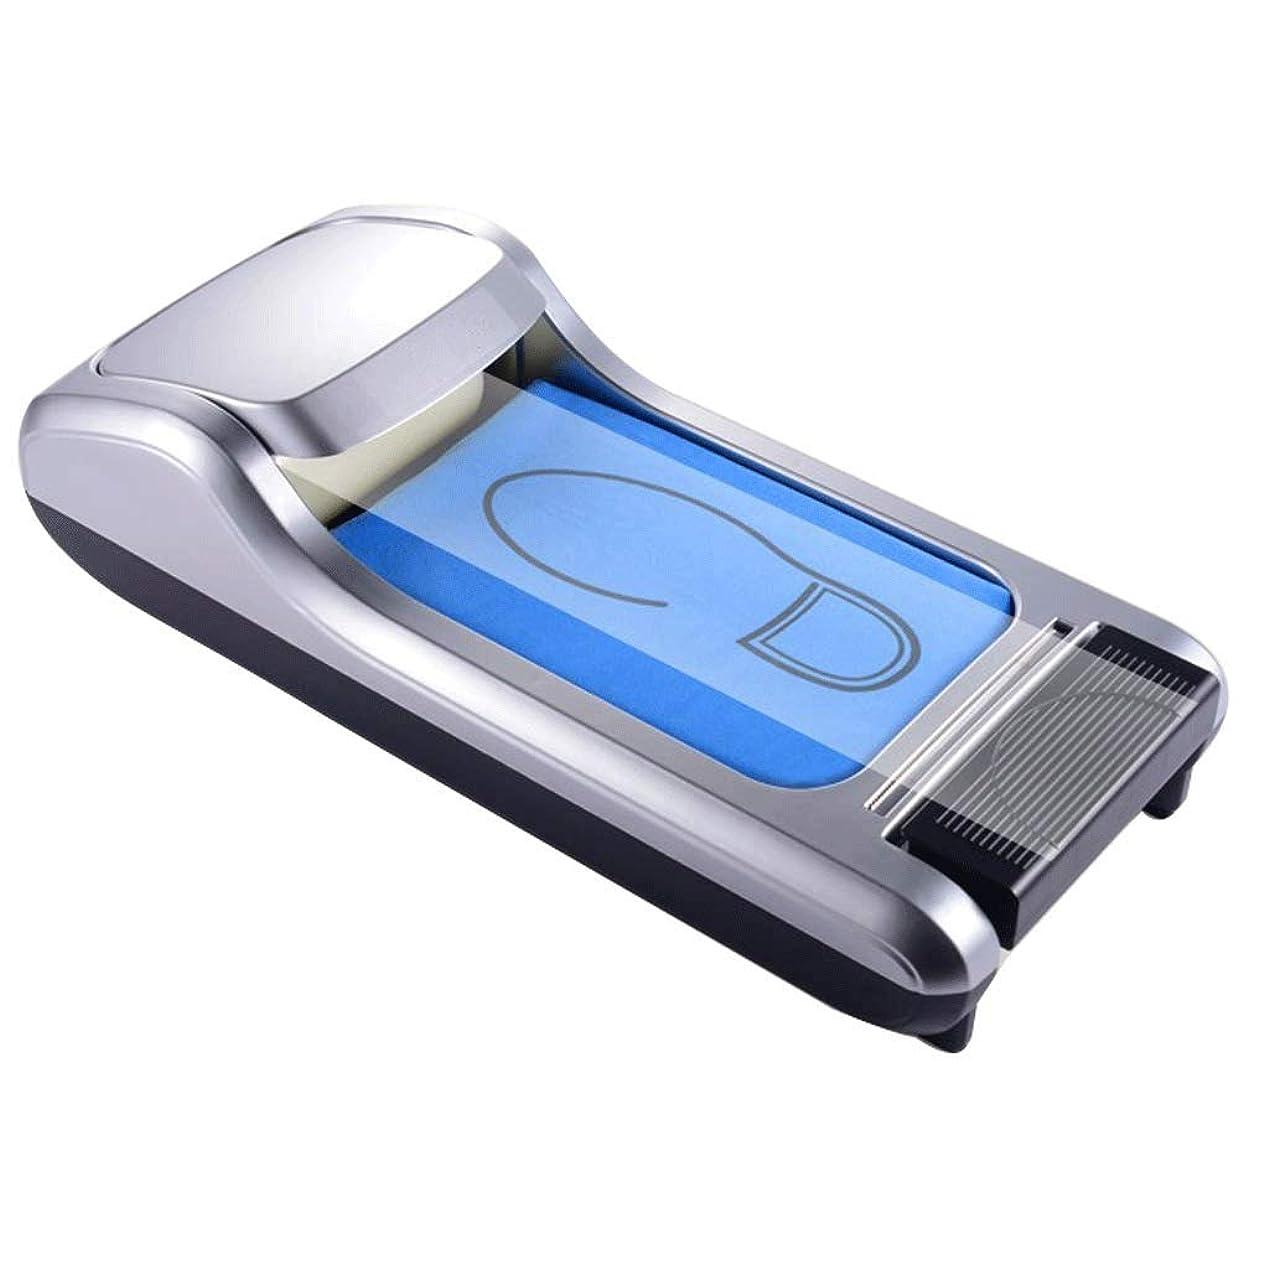 無限疼痛アルコーブ靴カバーマシンリビングルームホーム自動使い捨て靴フィルムマシン新スタイルオフィススマートフットカバーラミネート機 (Color : Silver)